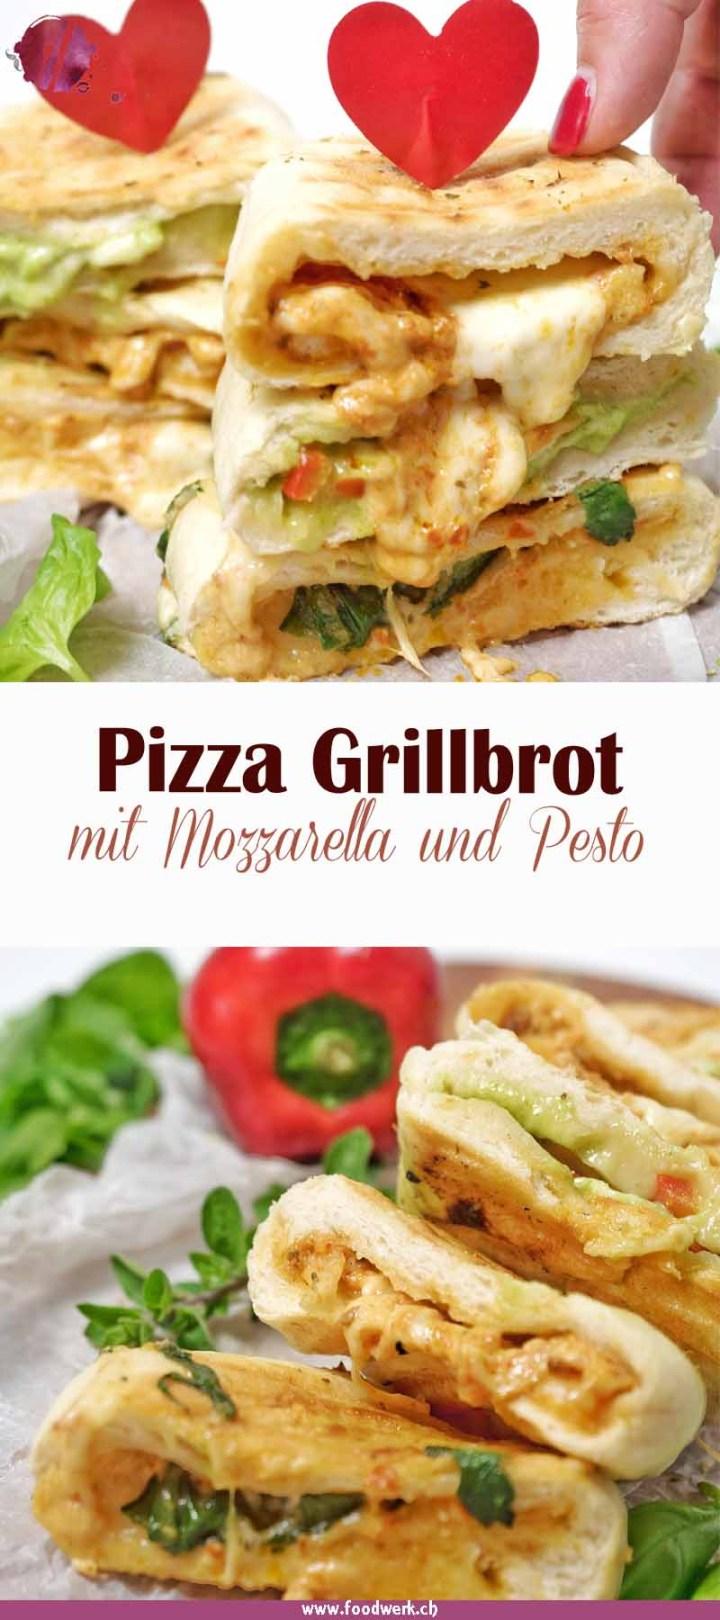 Leckeres Pizza Grillbrot mit Mozzarella, Pesto und frischem Gemüse.